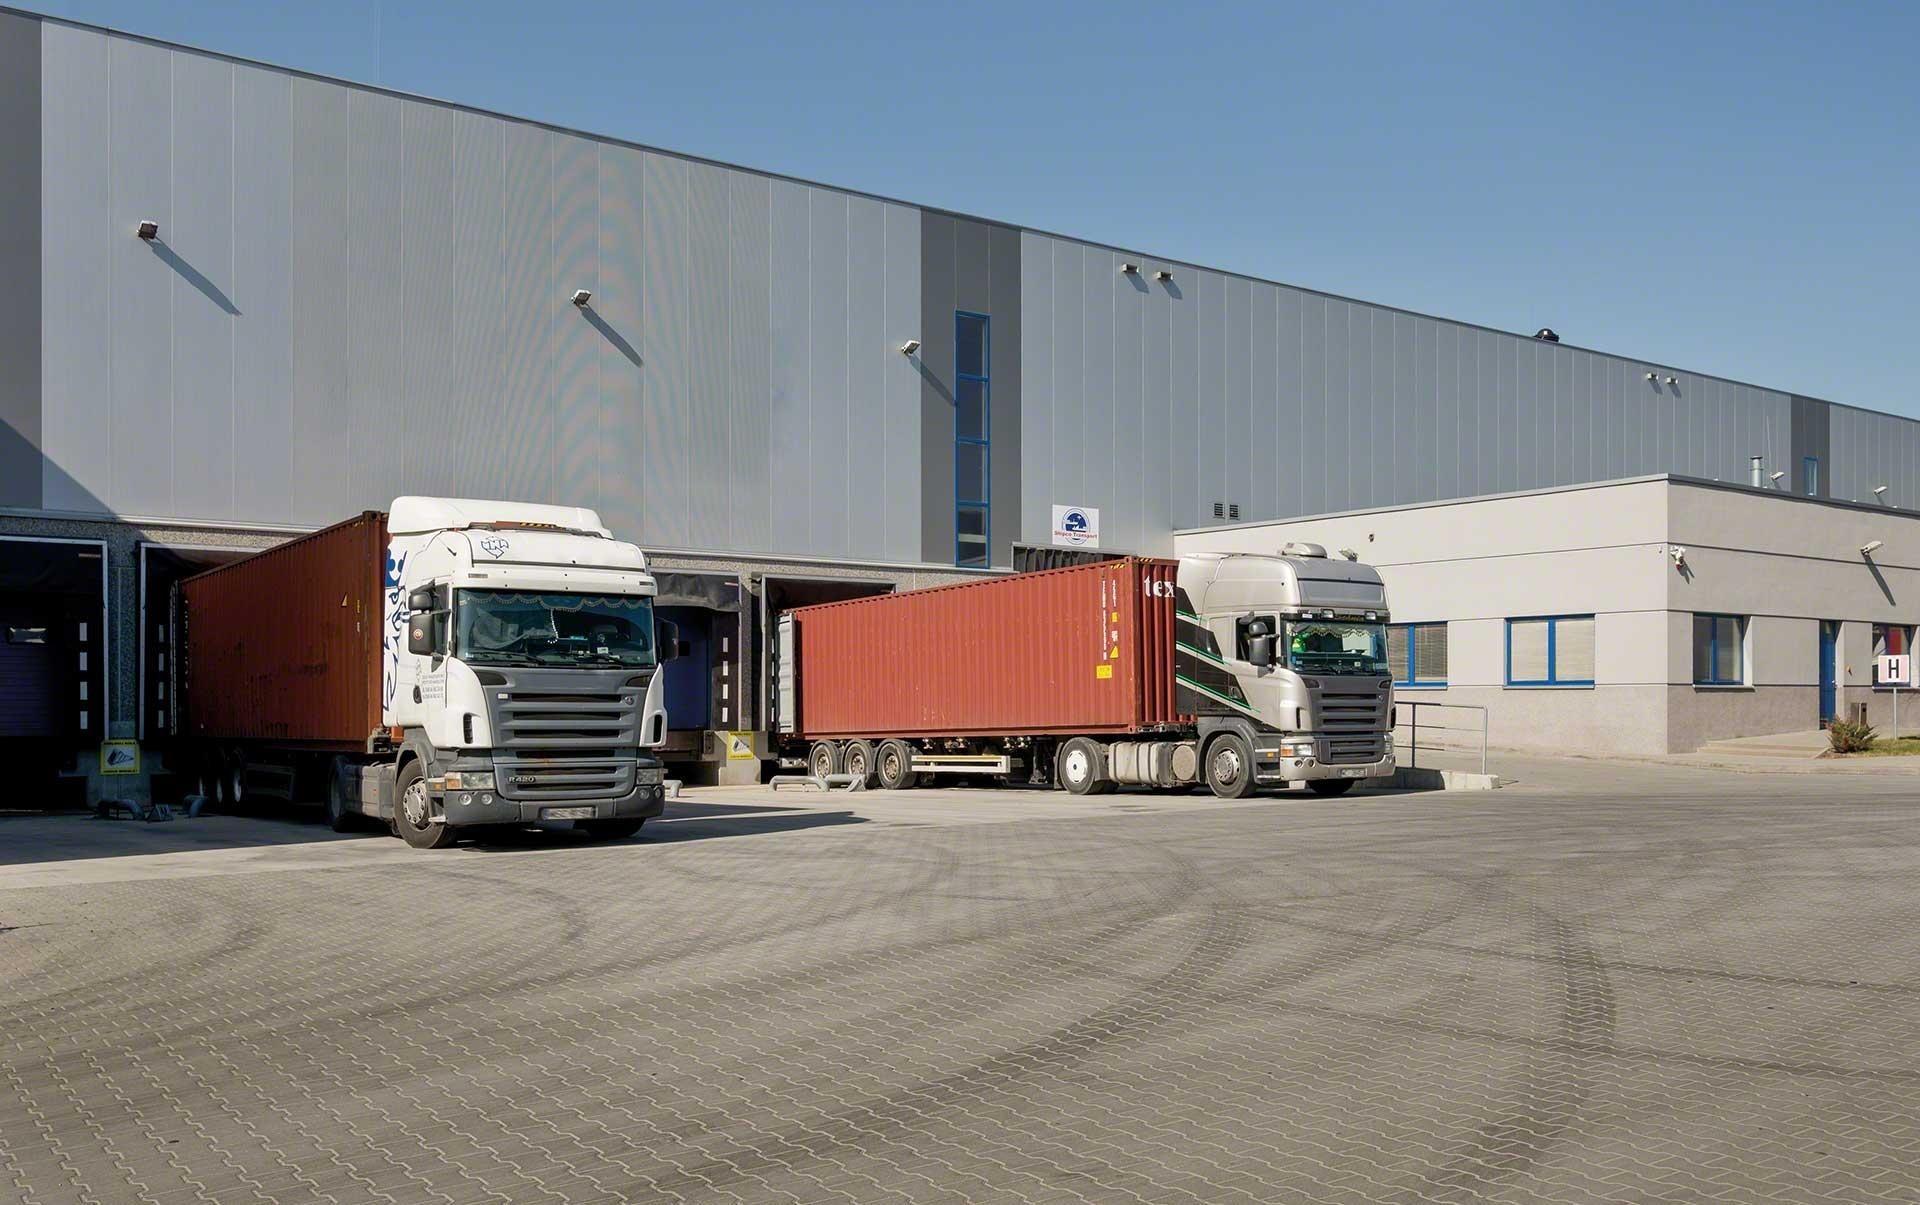 Camions qui déchargent leurs marchandises sur les quais de l'entrepôt